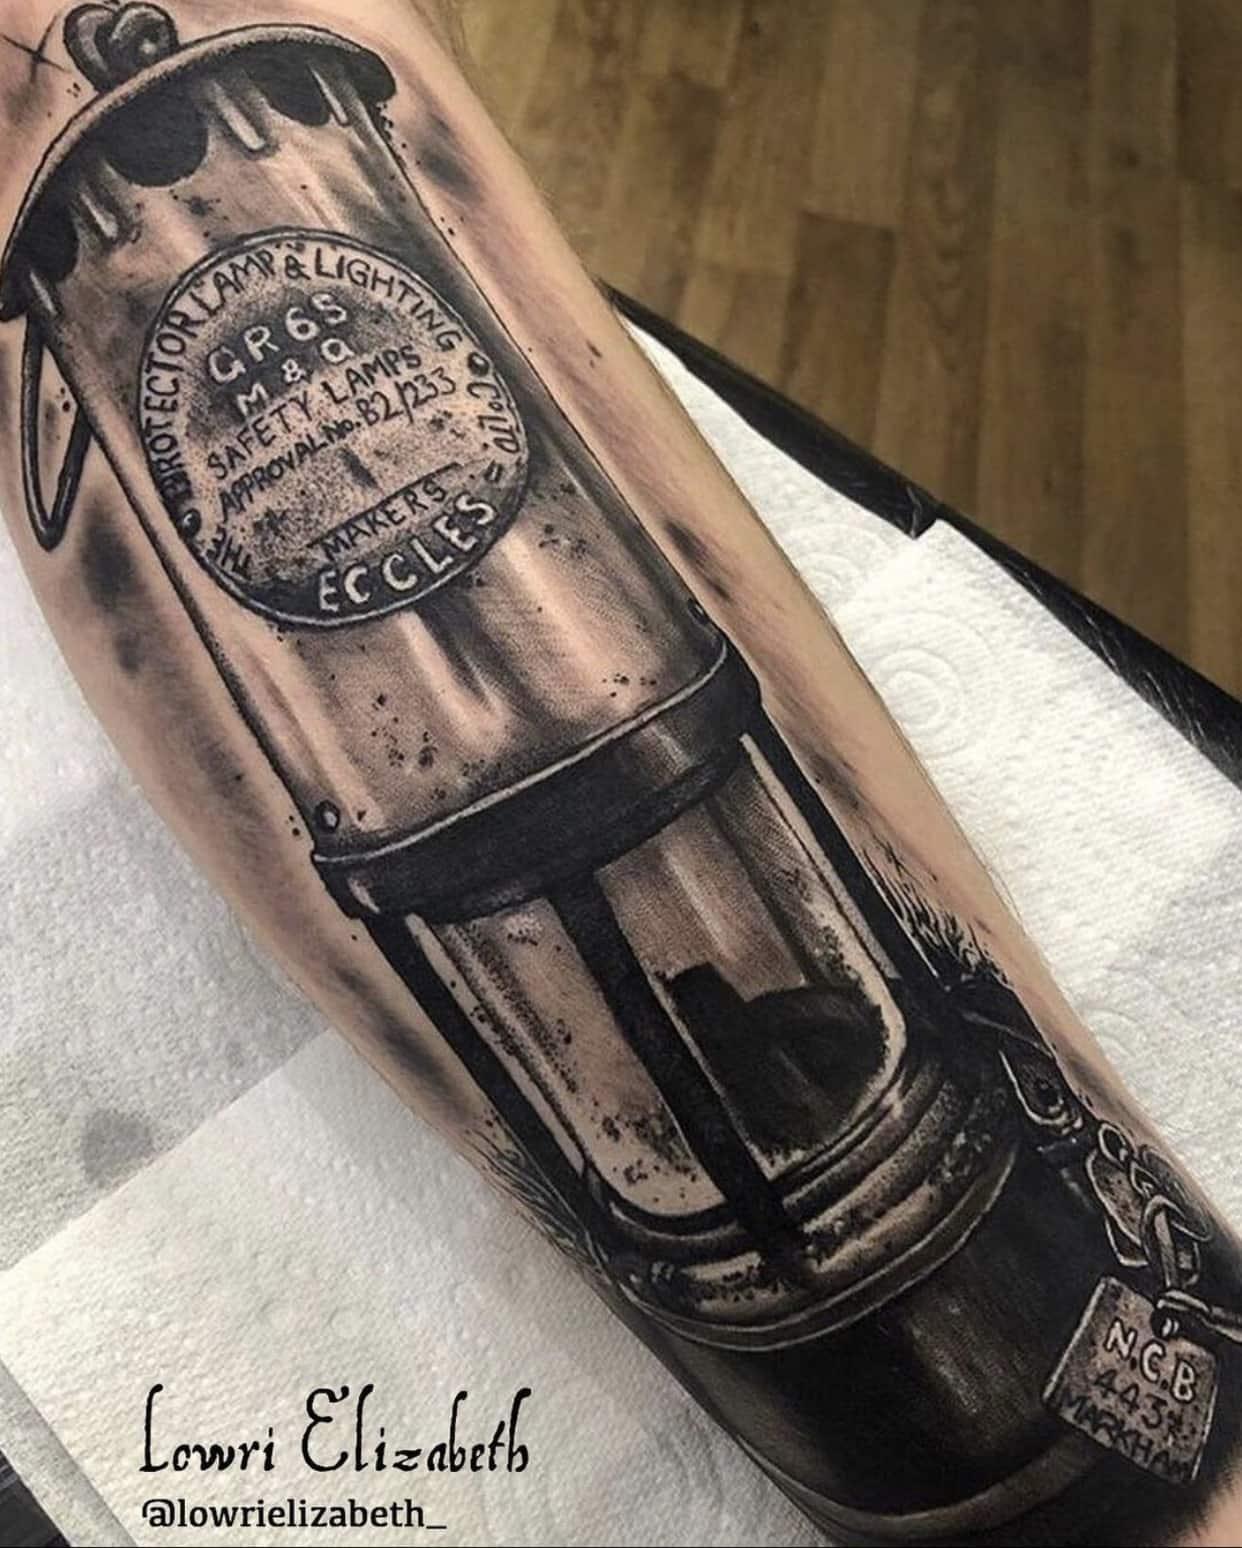 lowri-elizabeth-rogers-cardiff-tattoo-artist-lamp